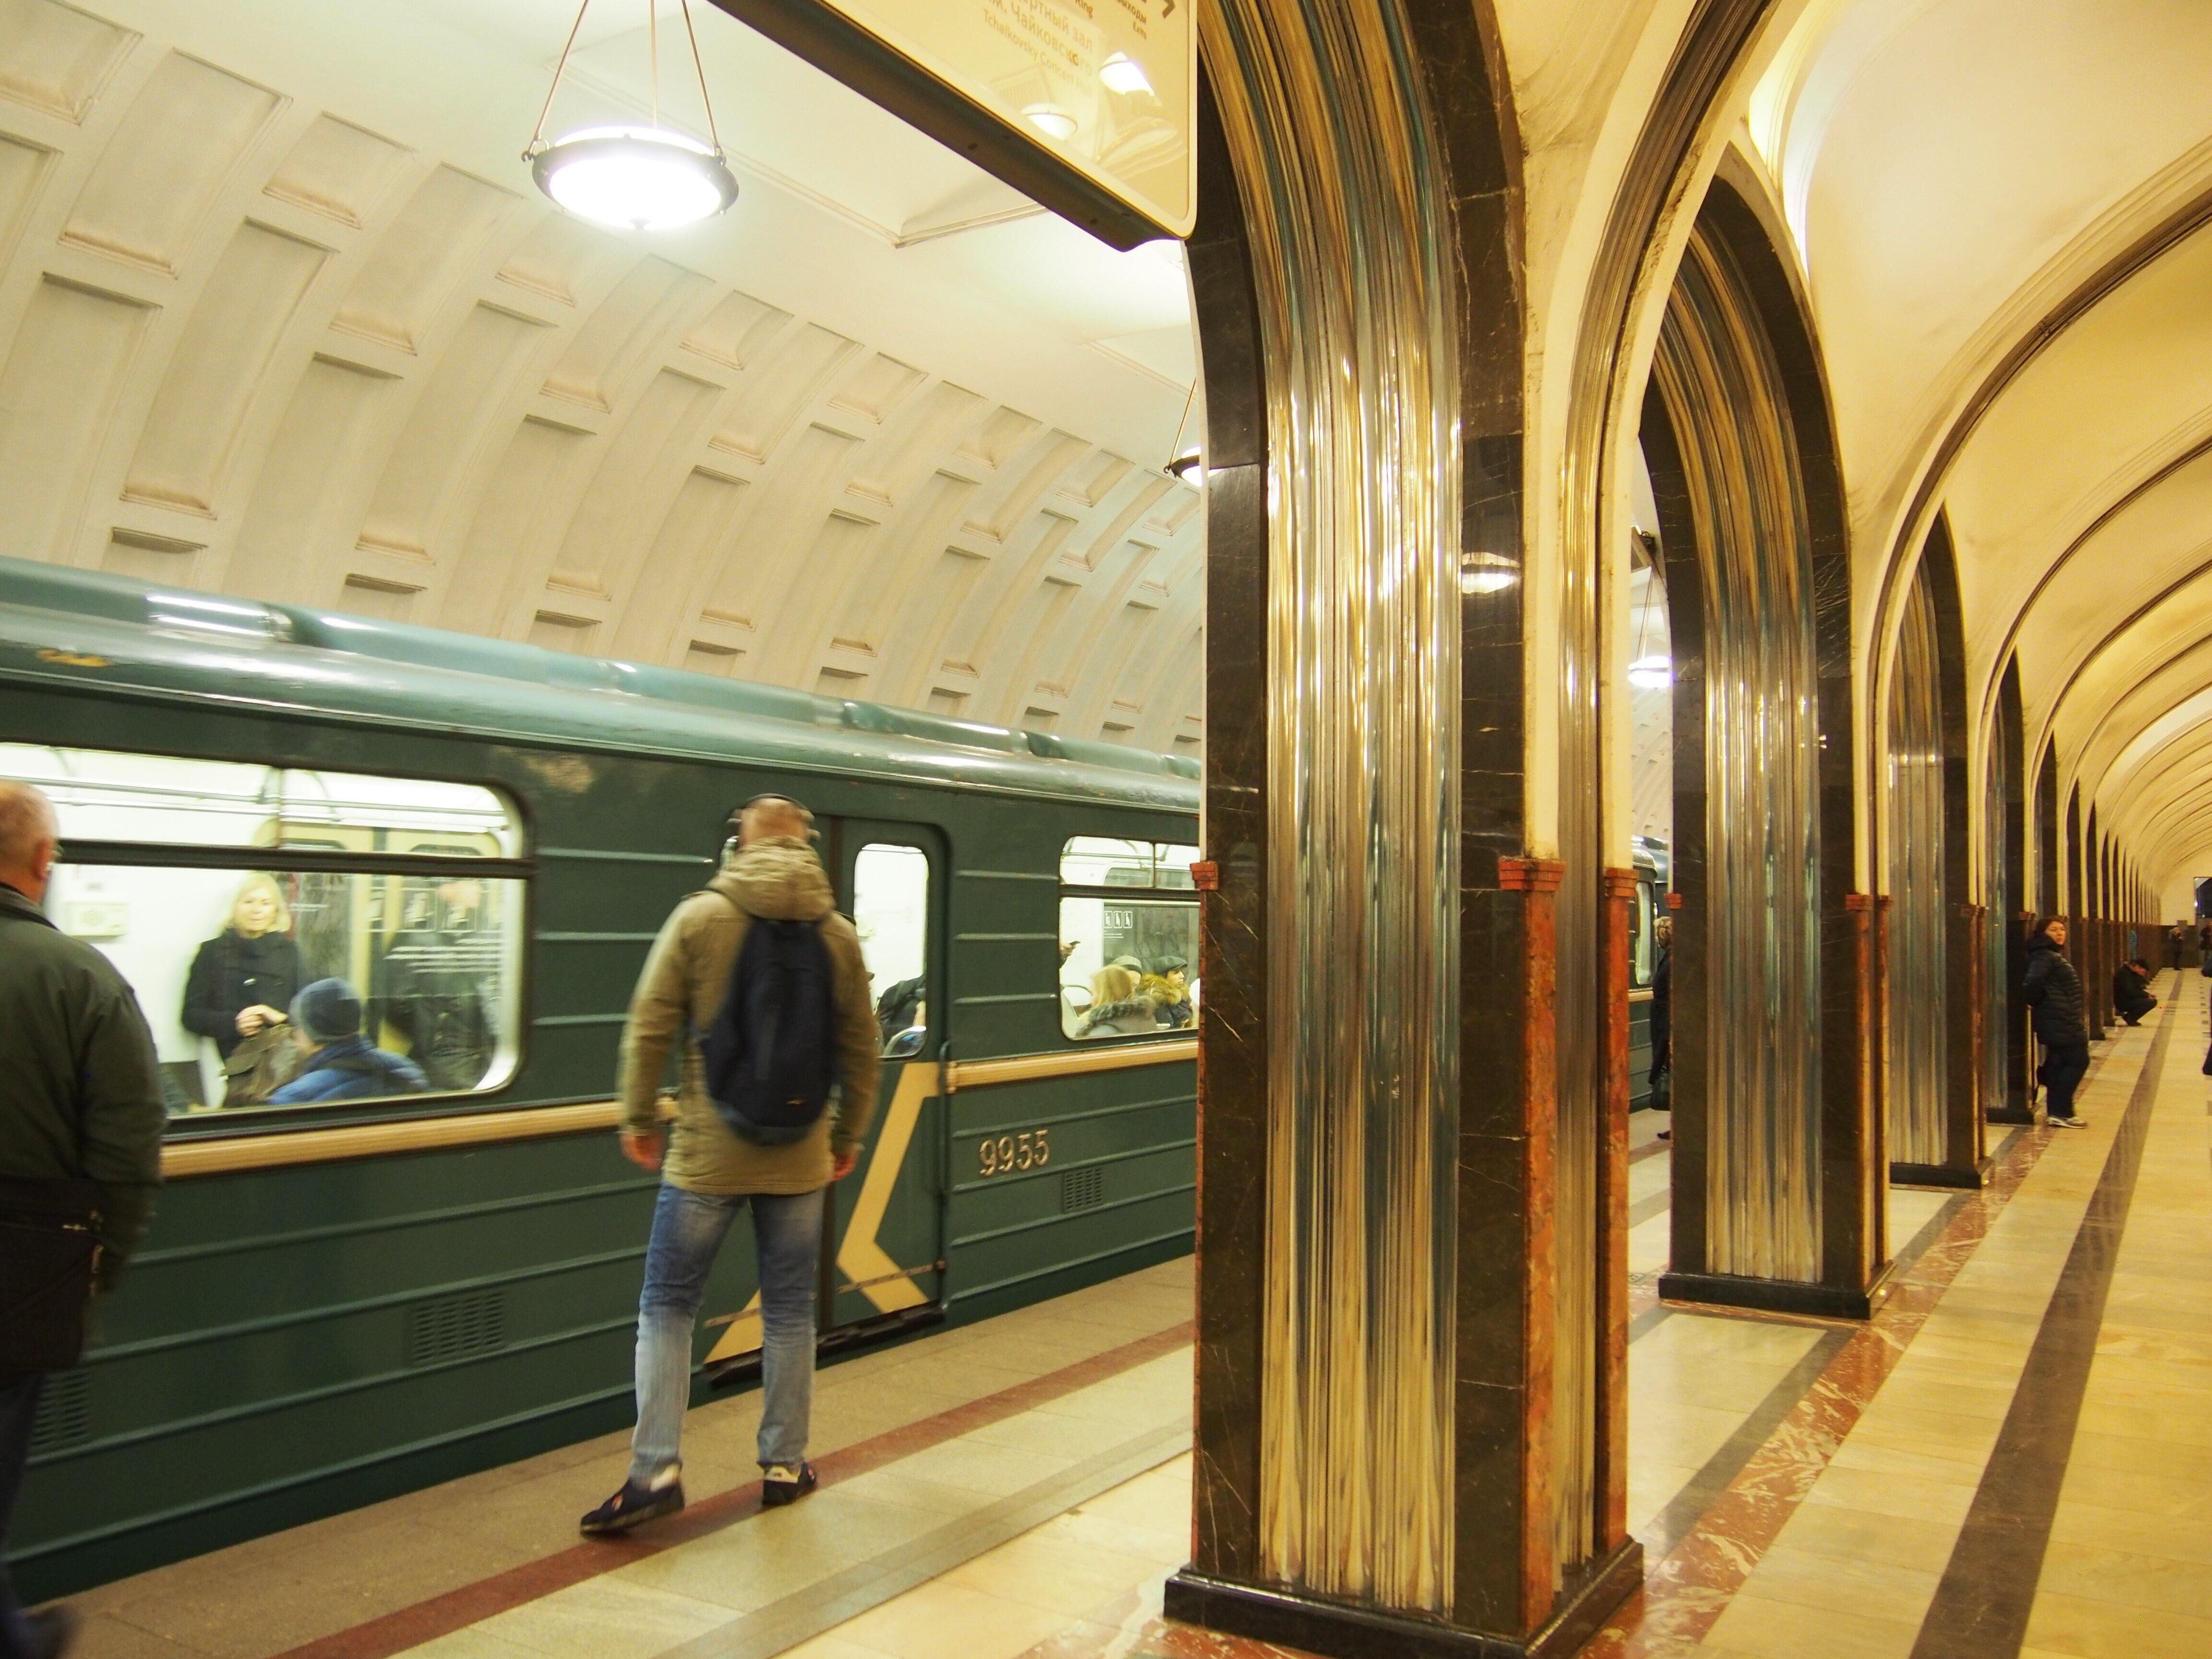 モスクワ地下鉄の「容赦ない」ワンマン運転 駆け込む気もなくなる「無慈悲」さとは